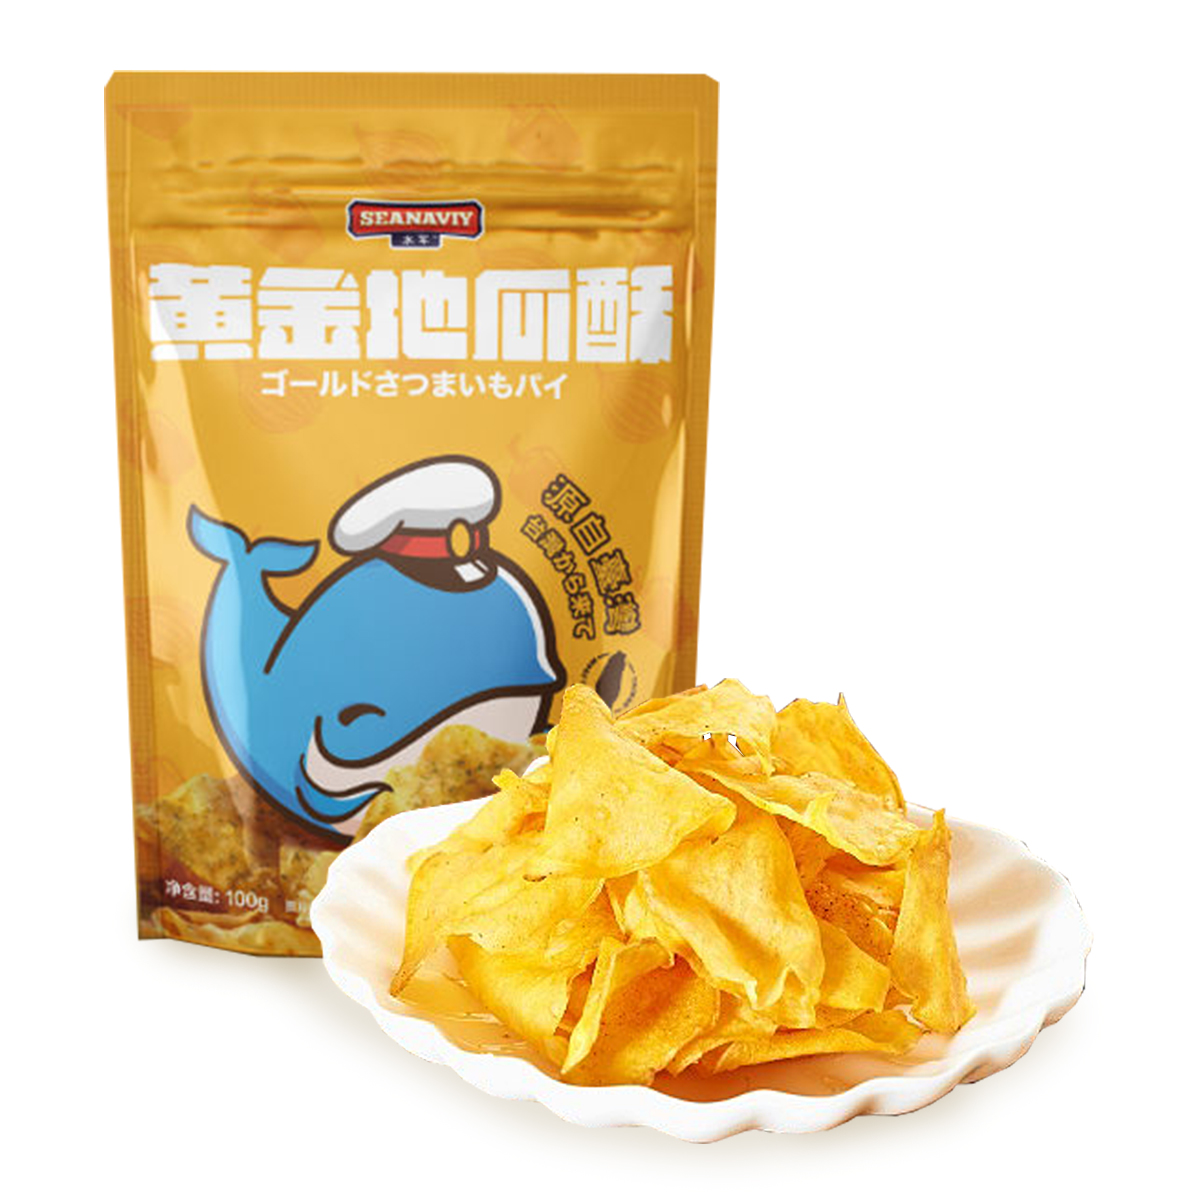 地瓜干薯片酥脆台湾进口纯天然香葱味特产非油炸休闲小零食礼包邮